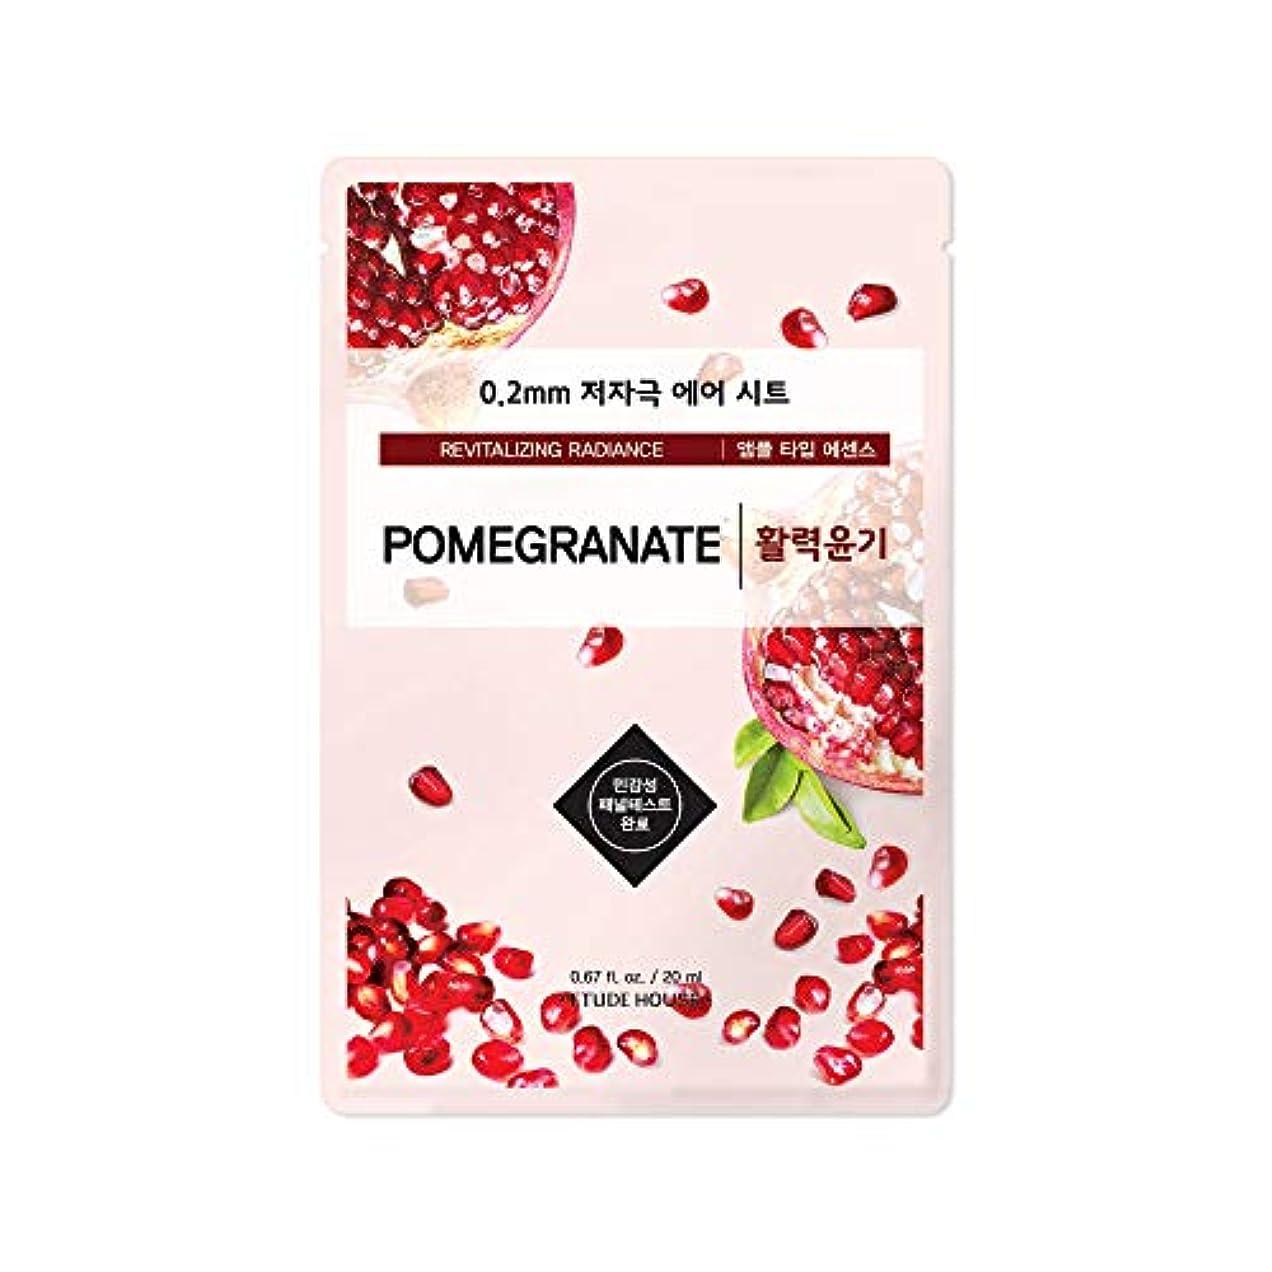 私たち自身滞在乱れETUDE HOUSE 0.2 Therapy Air Mask 20ml×10ea (#07 Pomegranate)/エチュードハウス 0.2 セラピー エア マスク 20ml×10枚 (#07 Pomegranate)